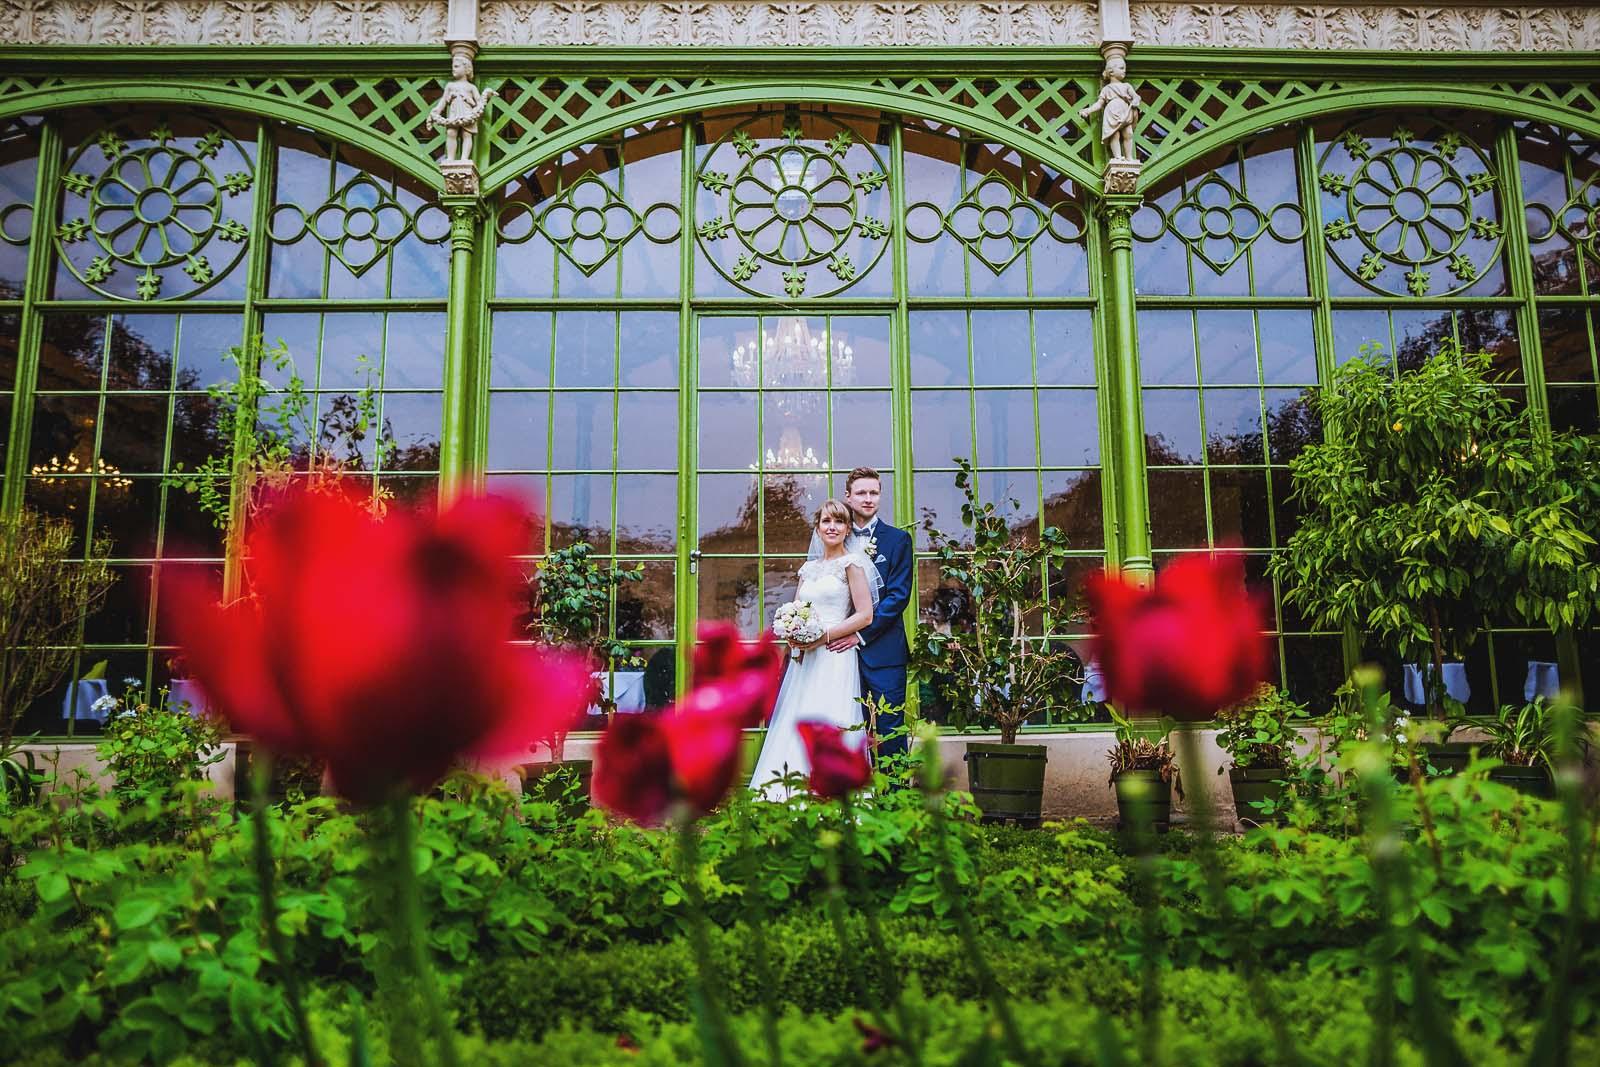 Hochzeitsfotograf Schloss Schwerin Copyright by Hochzeitsfotograf www.berliner-hochzeitsfotografie.de